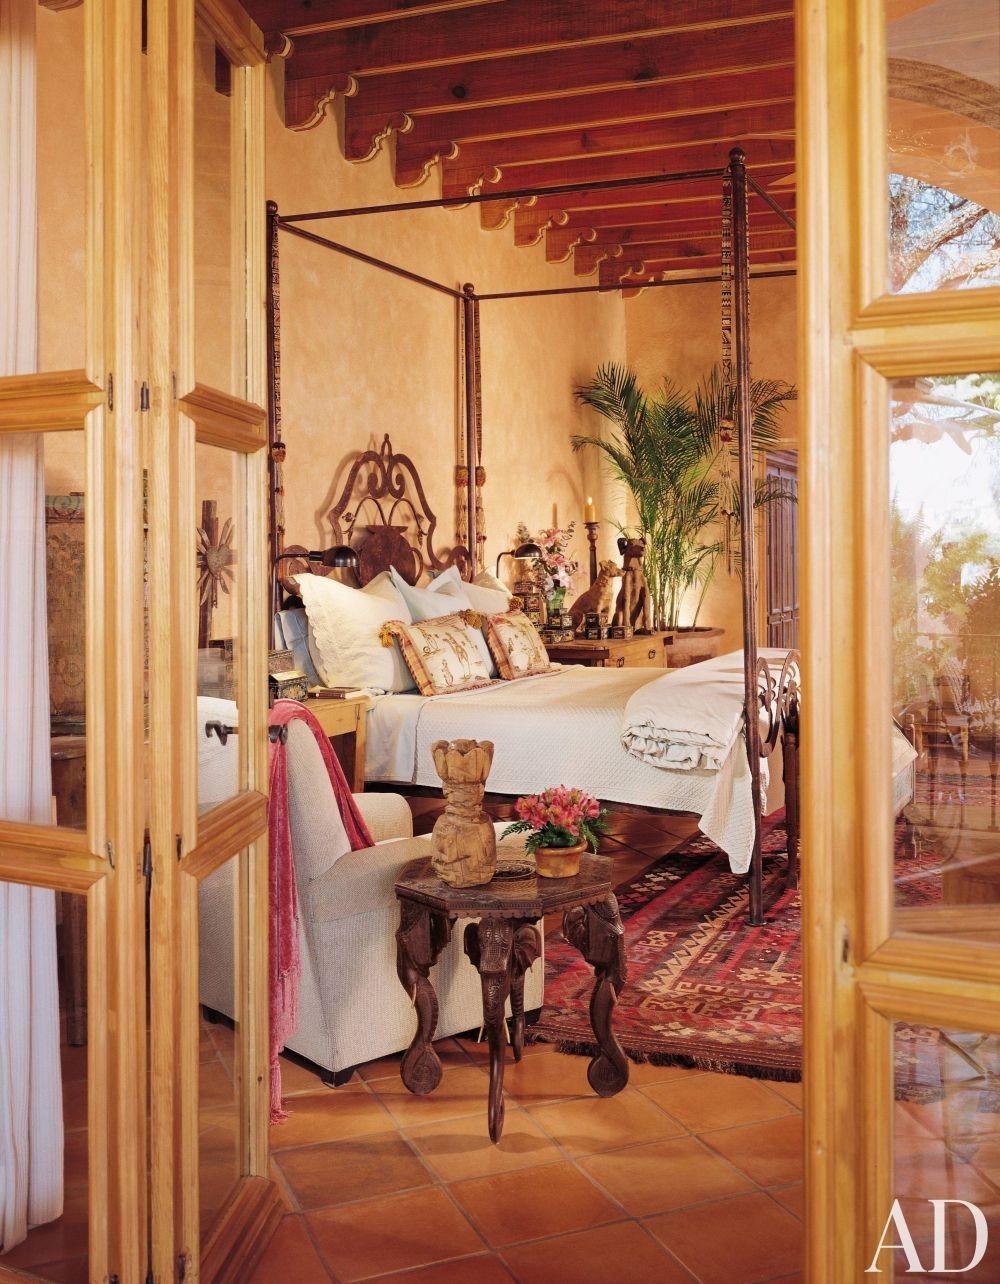 rustic-bedroom-san-miguel-de-allende-mexico-200408_1000-watermarked